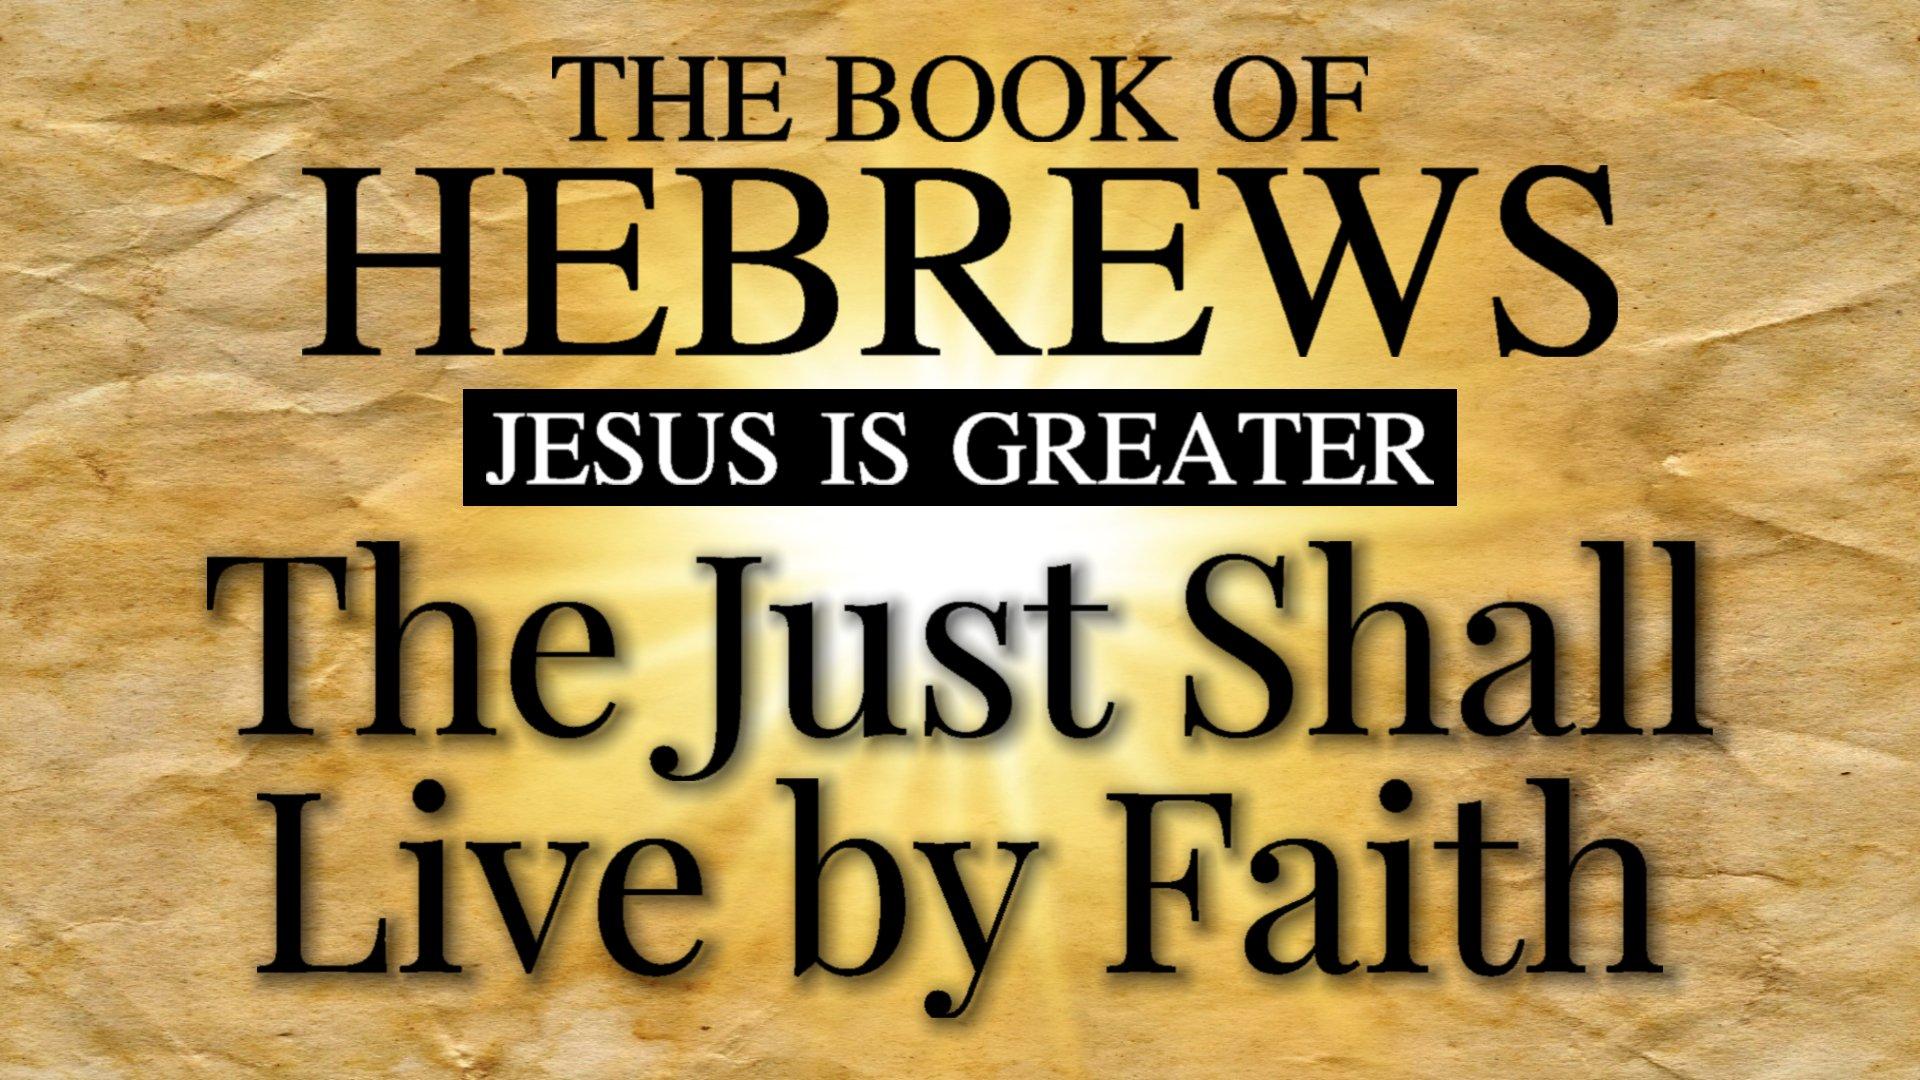 20 The Just Shall Live By Faith